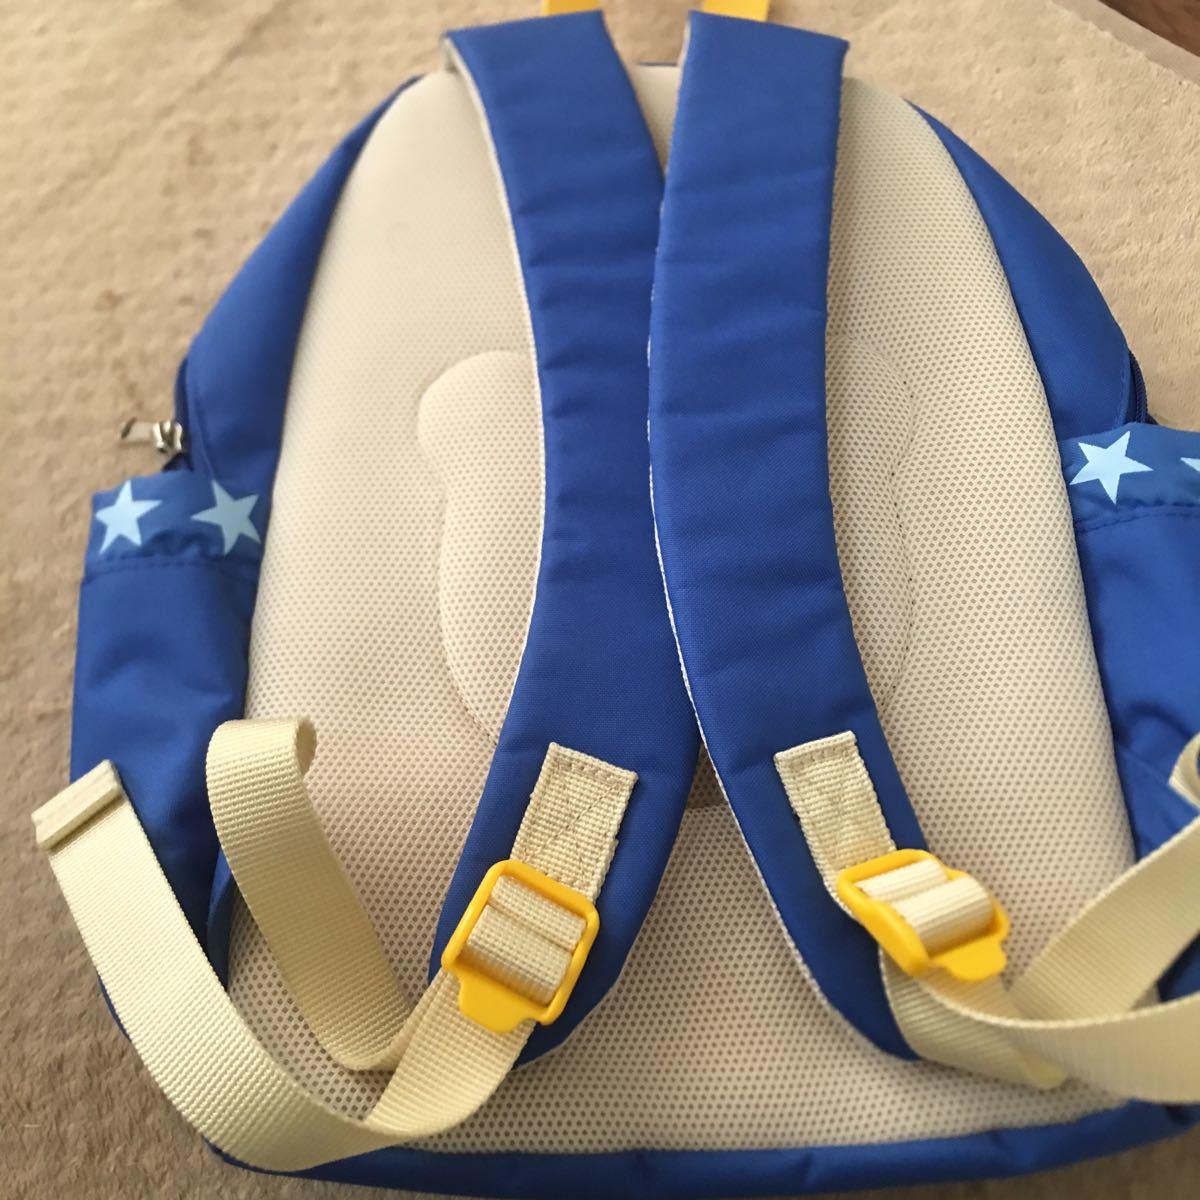 ミキハウス リュックサック 男の子 B級品 ホット ビスケッツ クマ 子供用 鞄 リュック_画像7